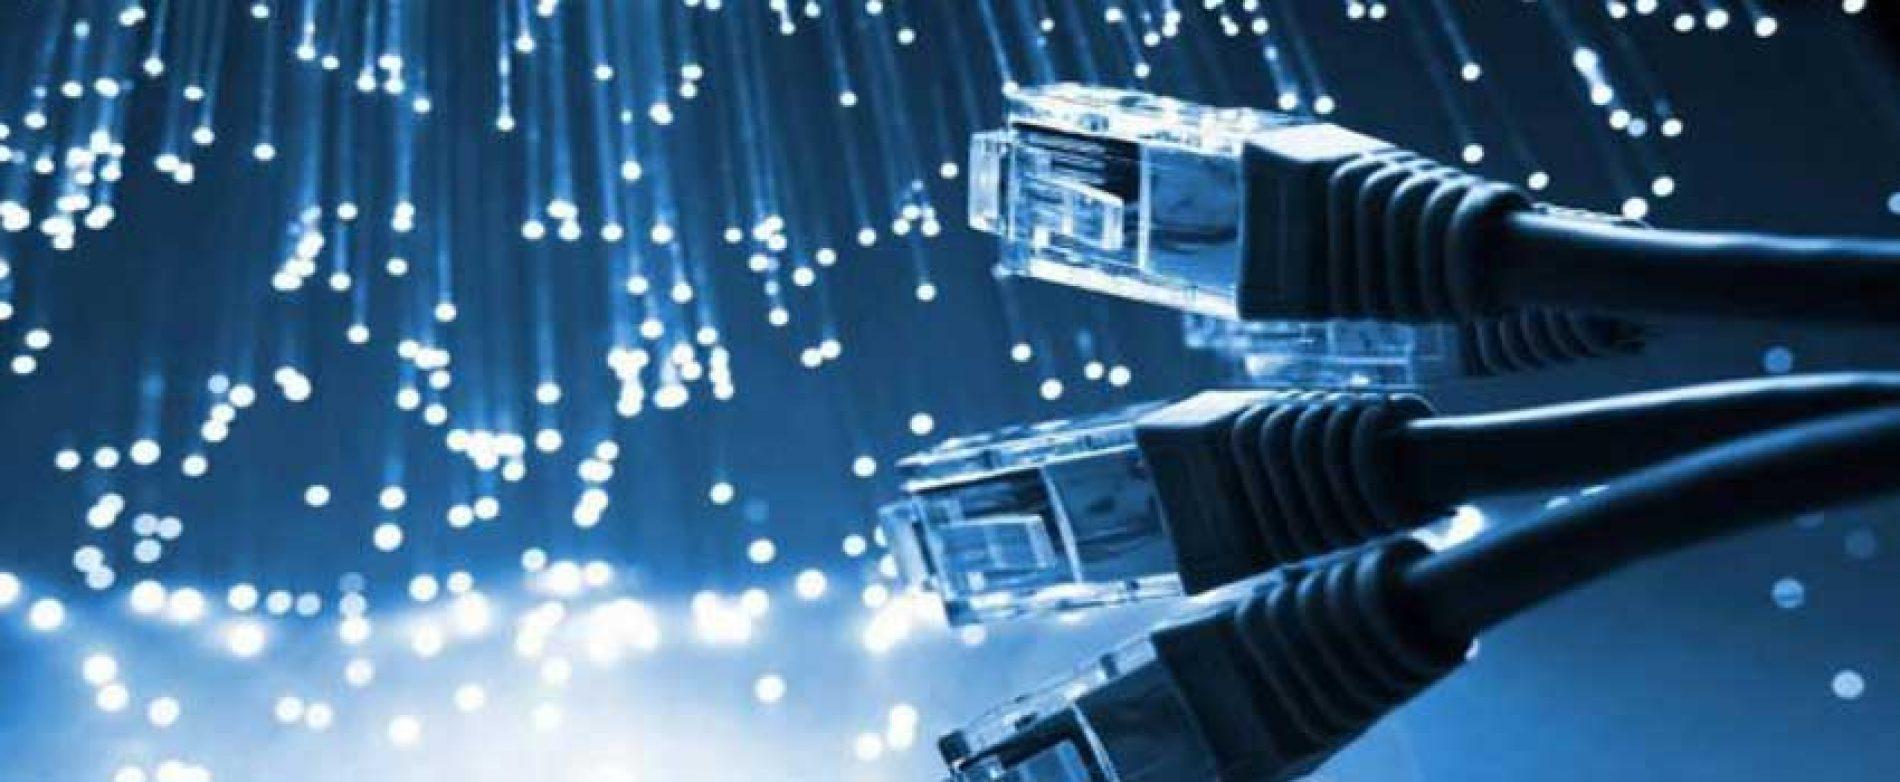 Elektronik Haberleşme Kanunu Tasarısı